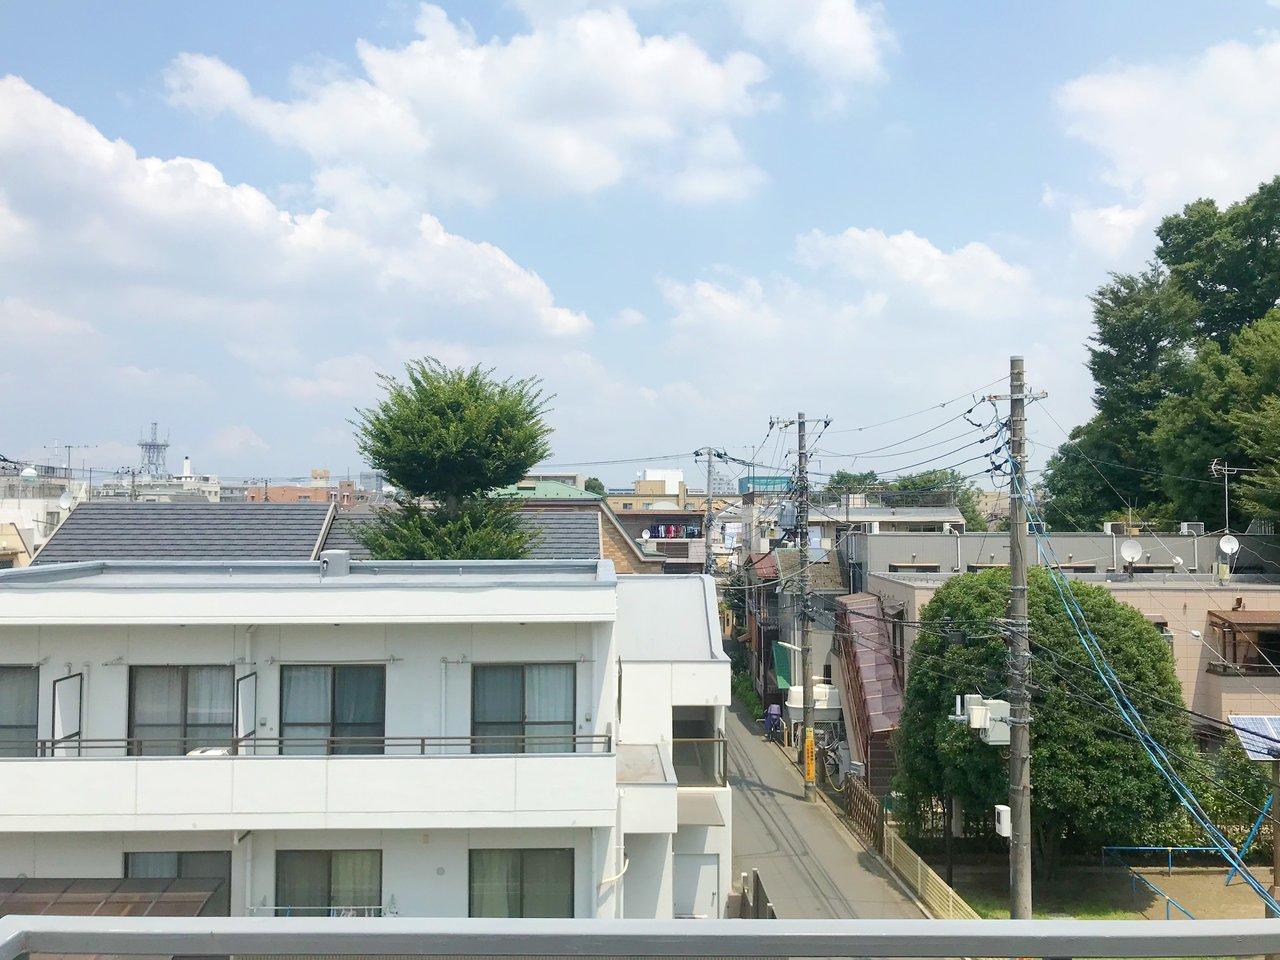 眺望がいいのもうれしい。高い建物もなく、抜けが感じられます。天気のいい日はきっと気持ちいいだろうなぁ……